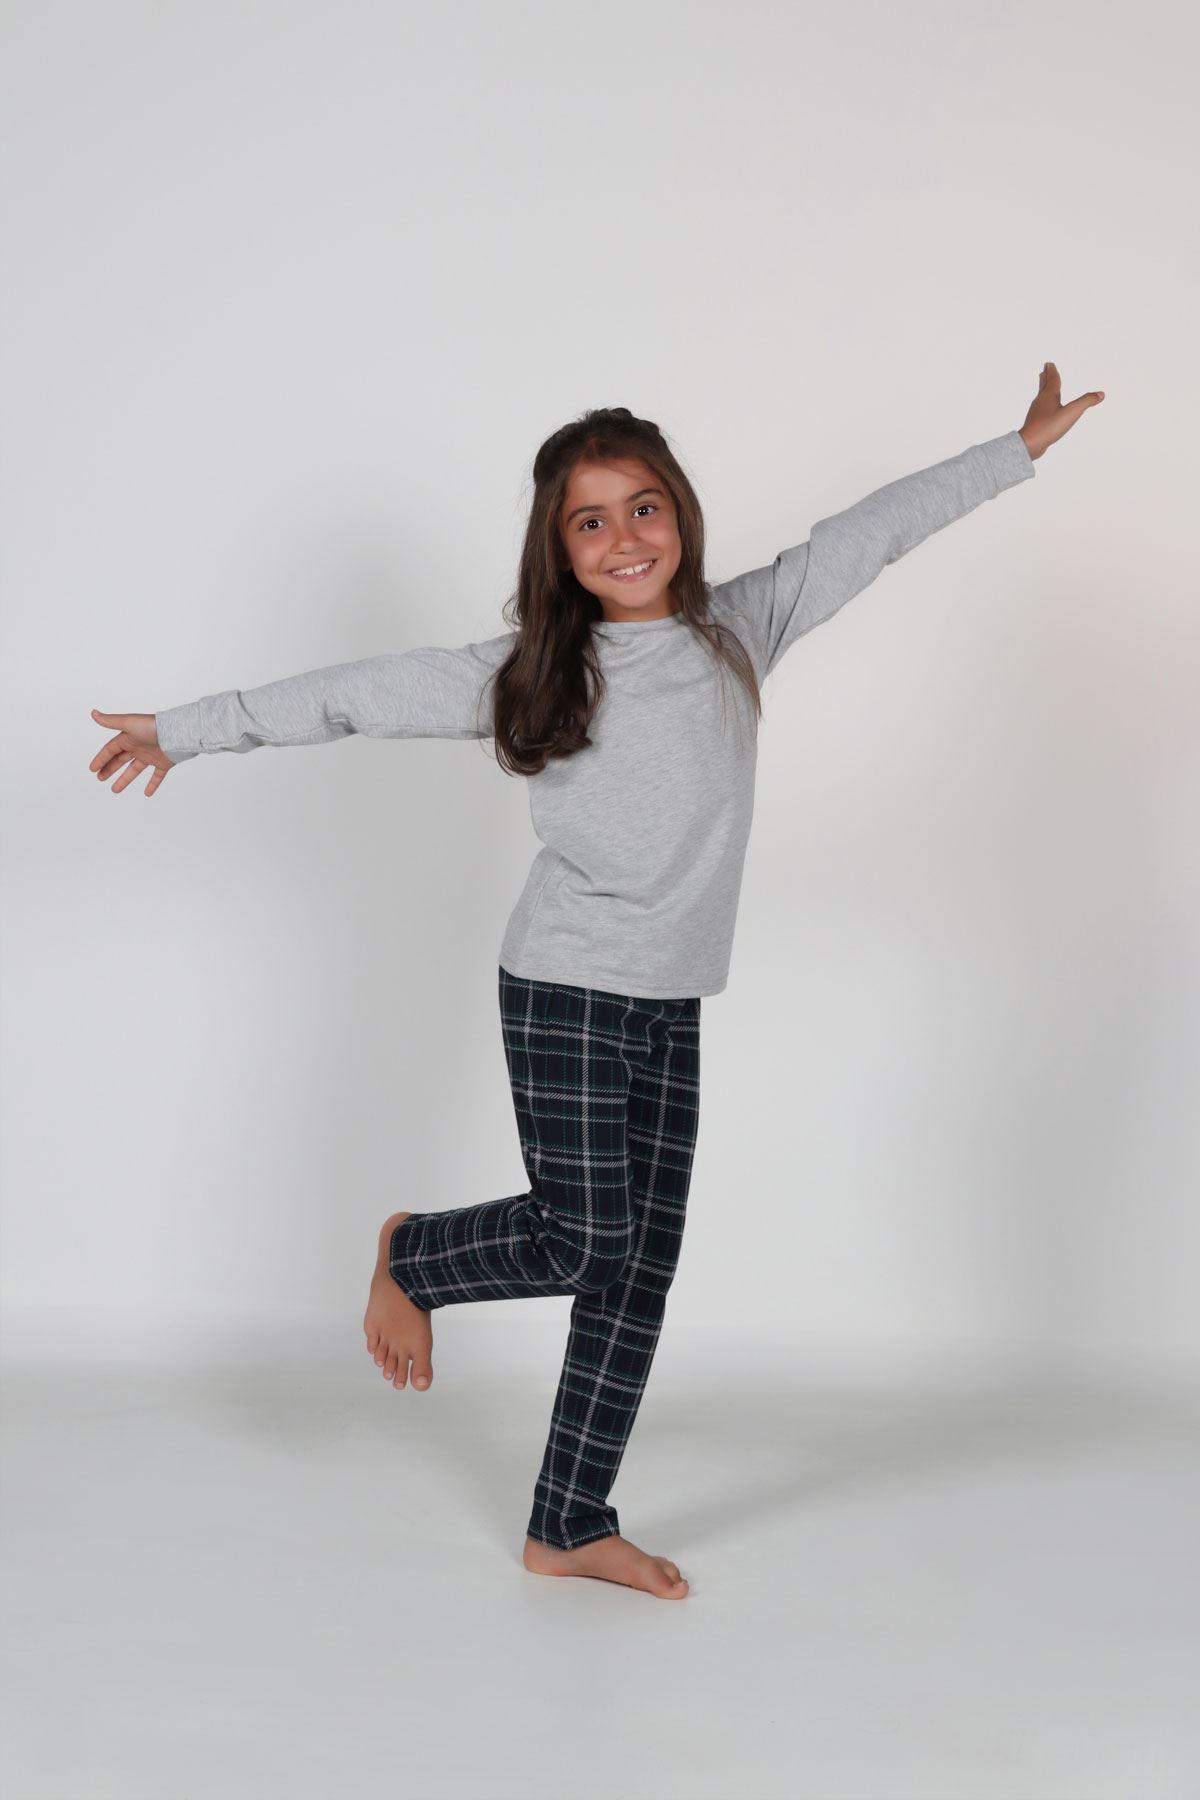 Gri Ekoseli Kız Çocuk Pijama Takımı Kışlık Uzun Kollu Pijama 4002